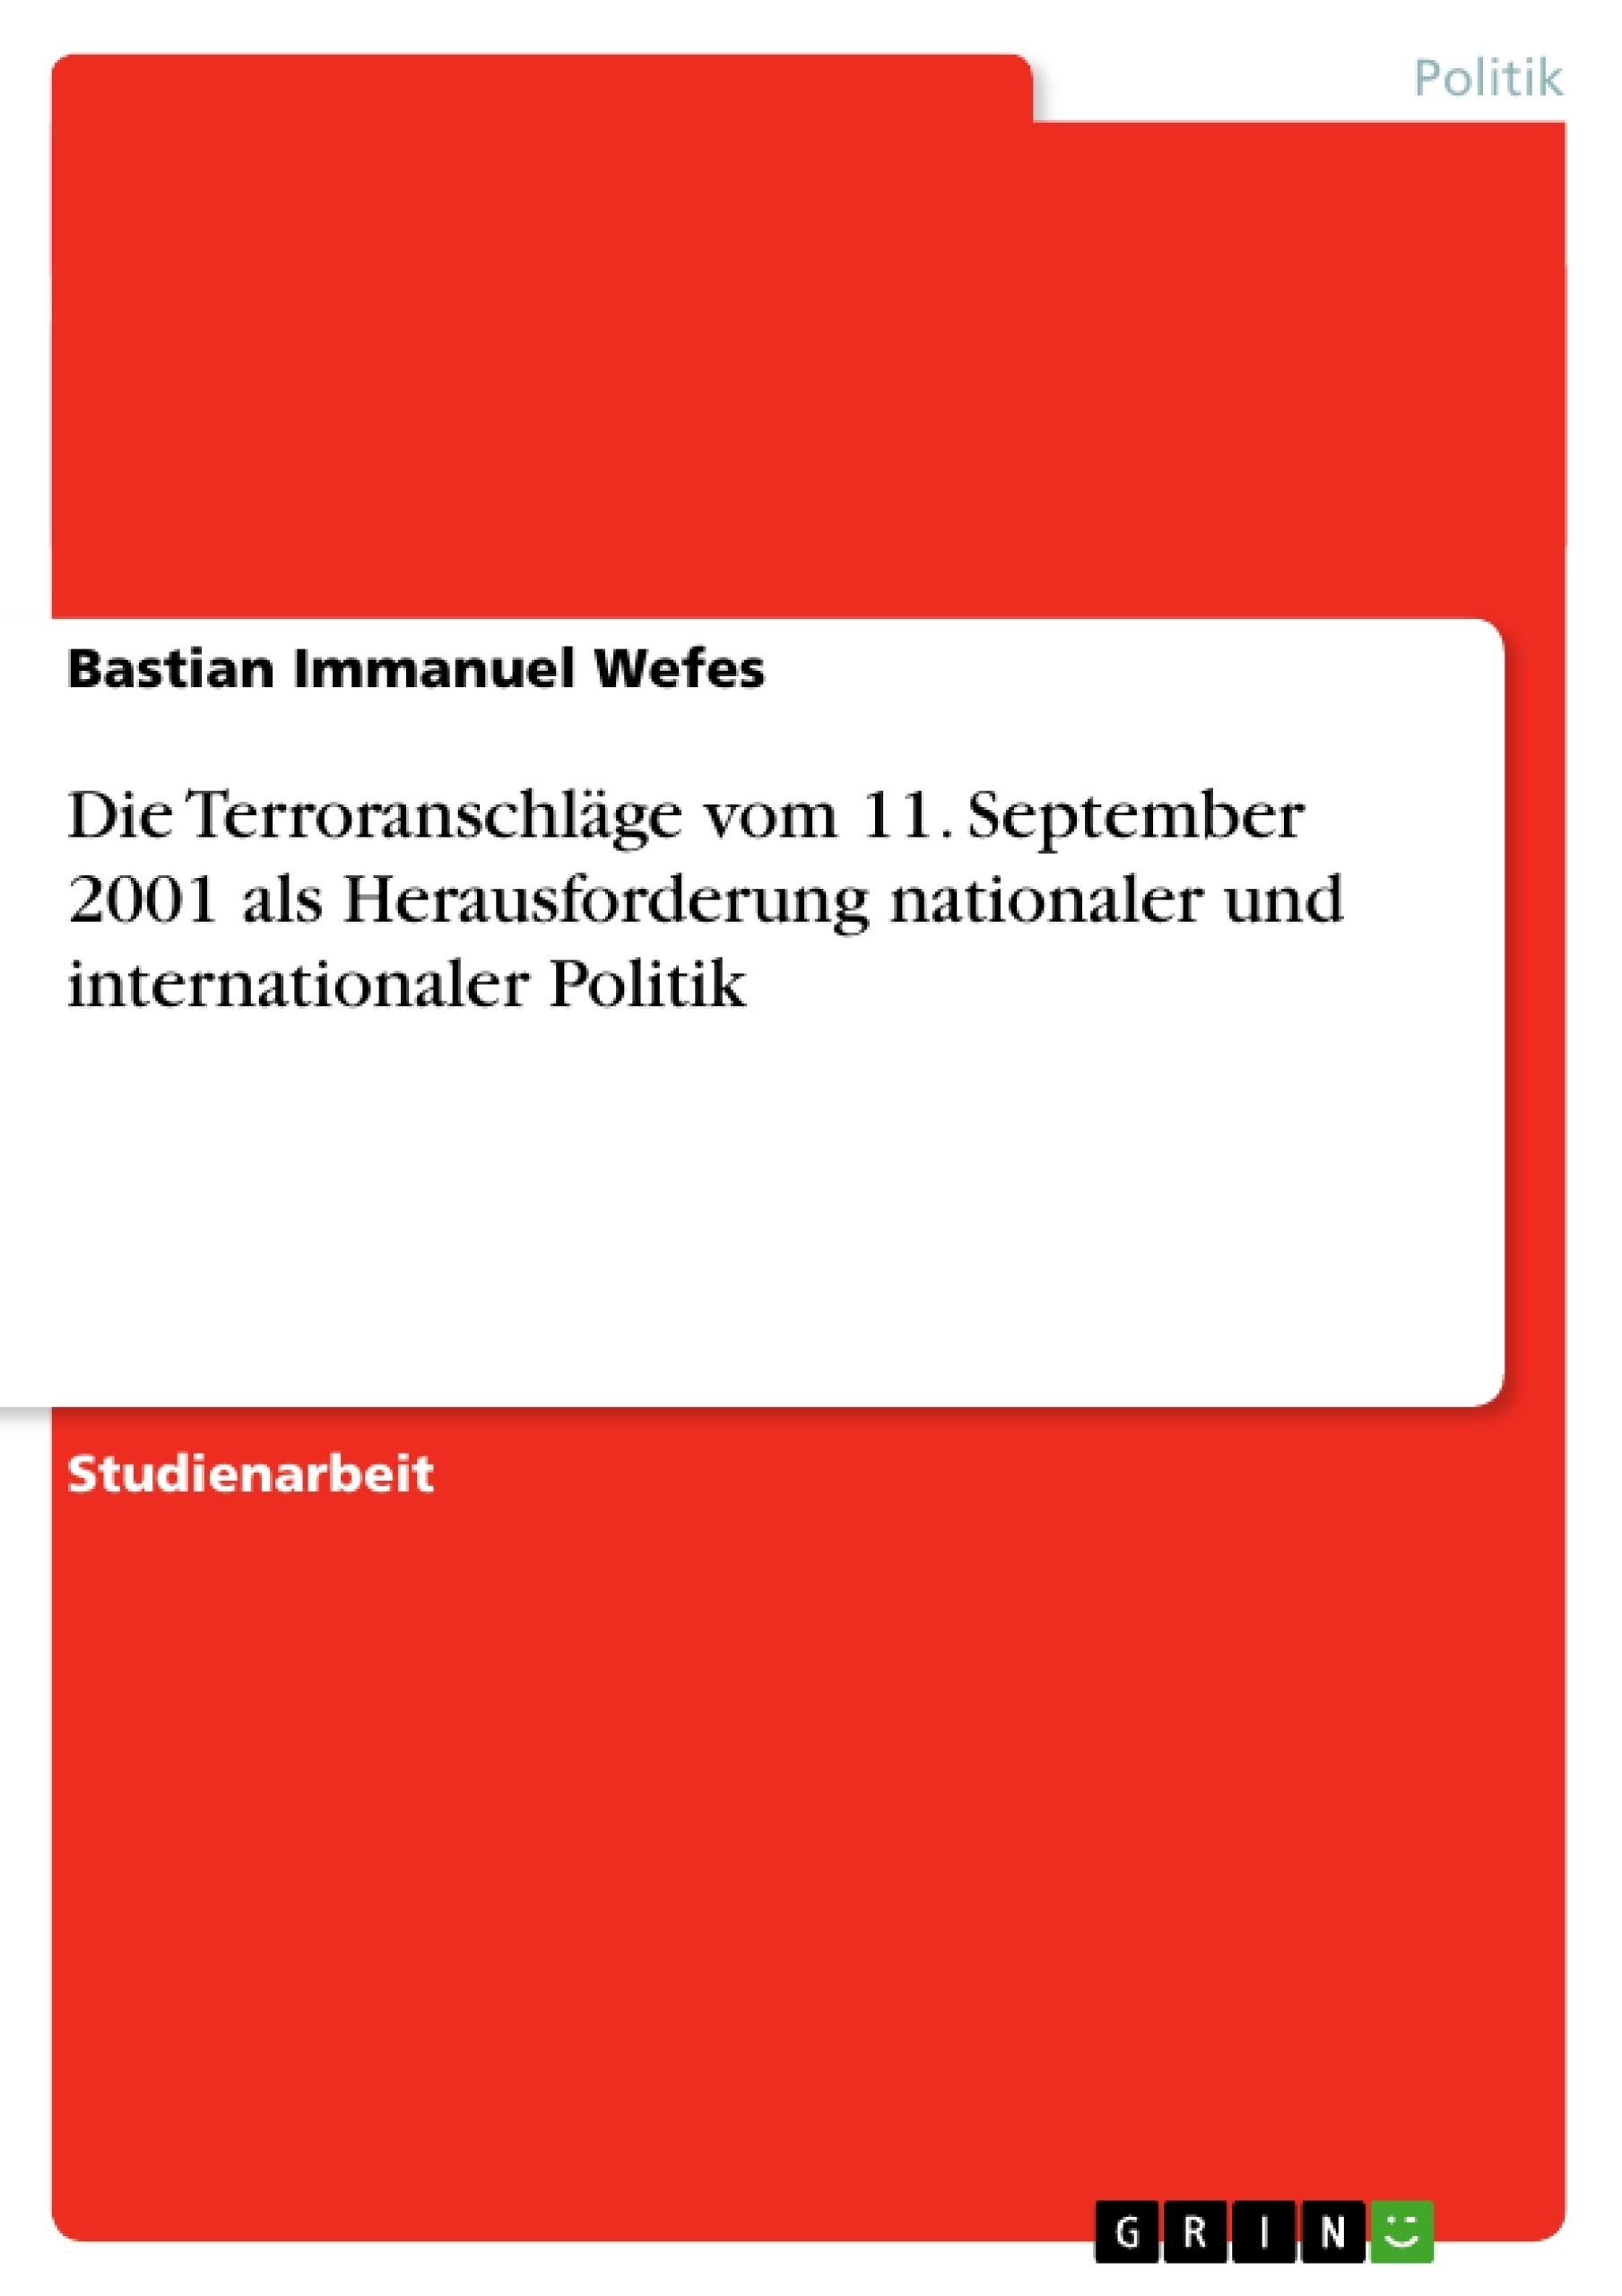 Titel: Die Terroranschläge vom 11. September 2001 als Herausforderung nationaler und internationaler Politik